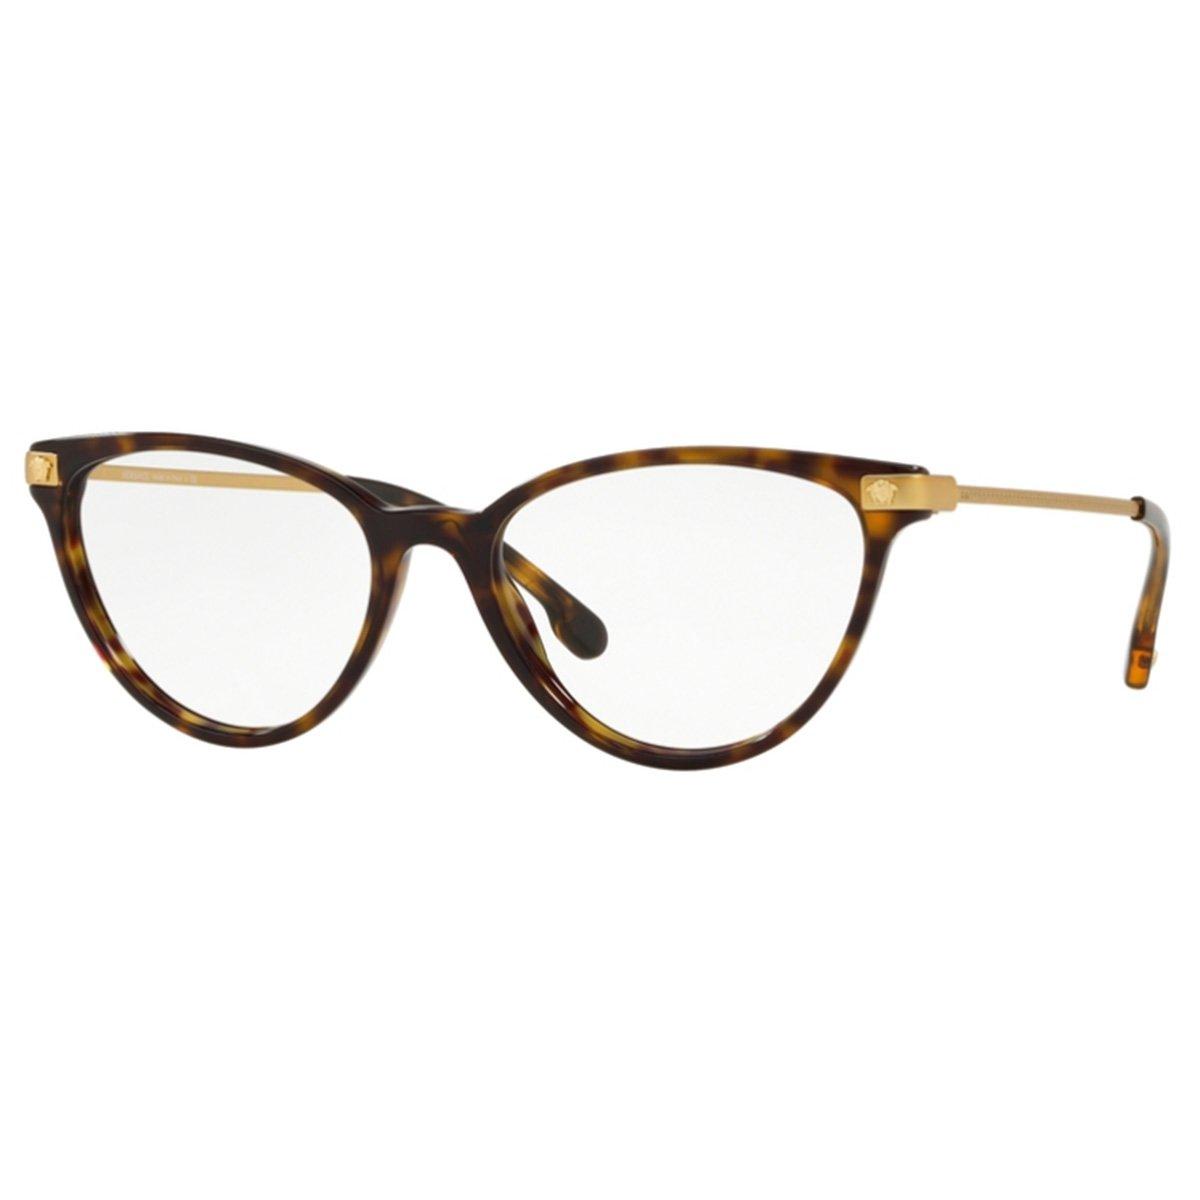 Compre Óculos de Grau Versace em 10X   Tri-Jóia Shop fe0f08d3c6